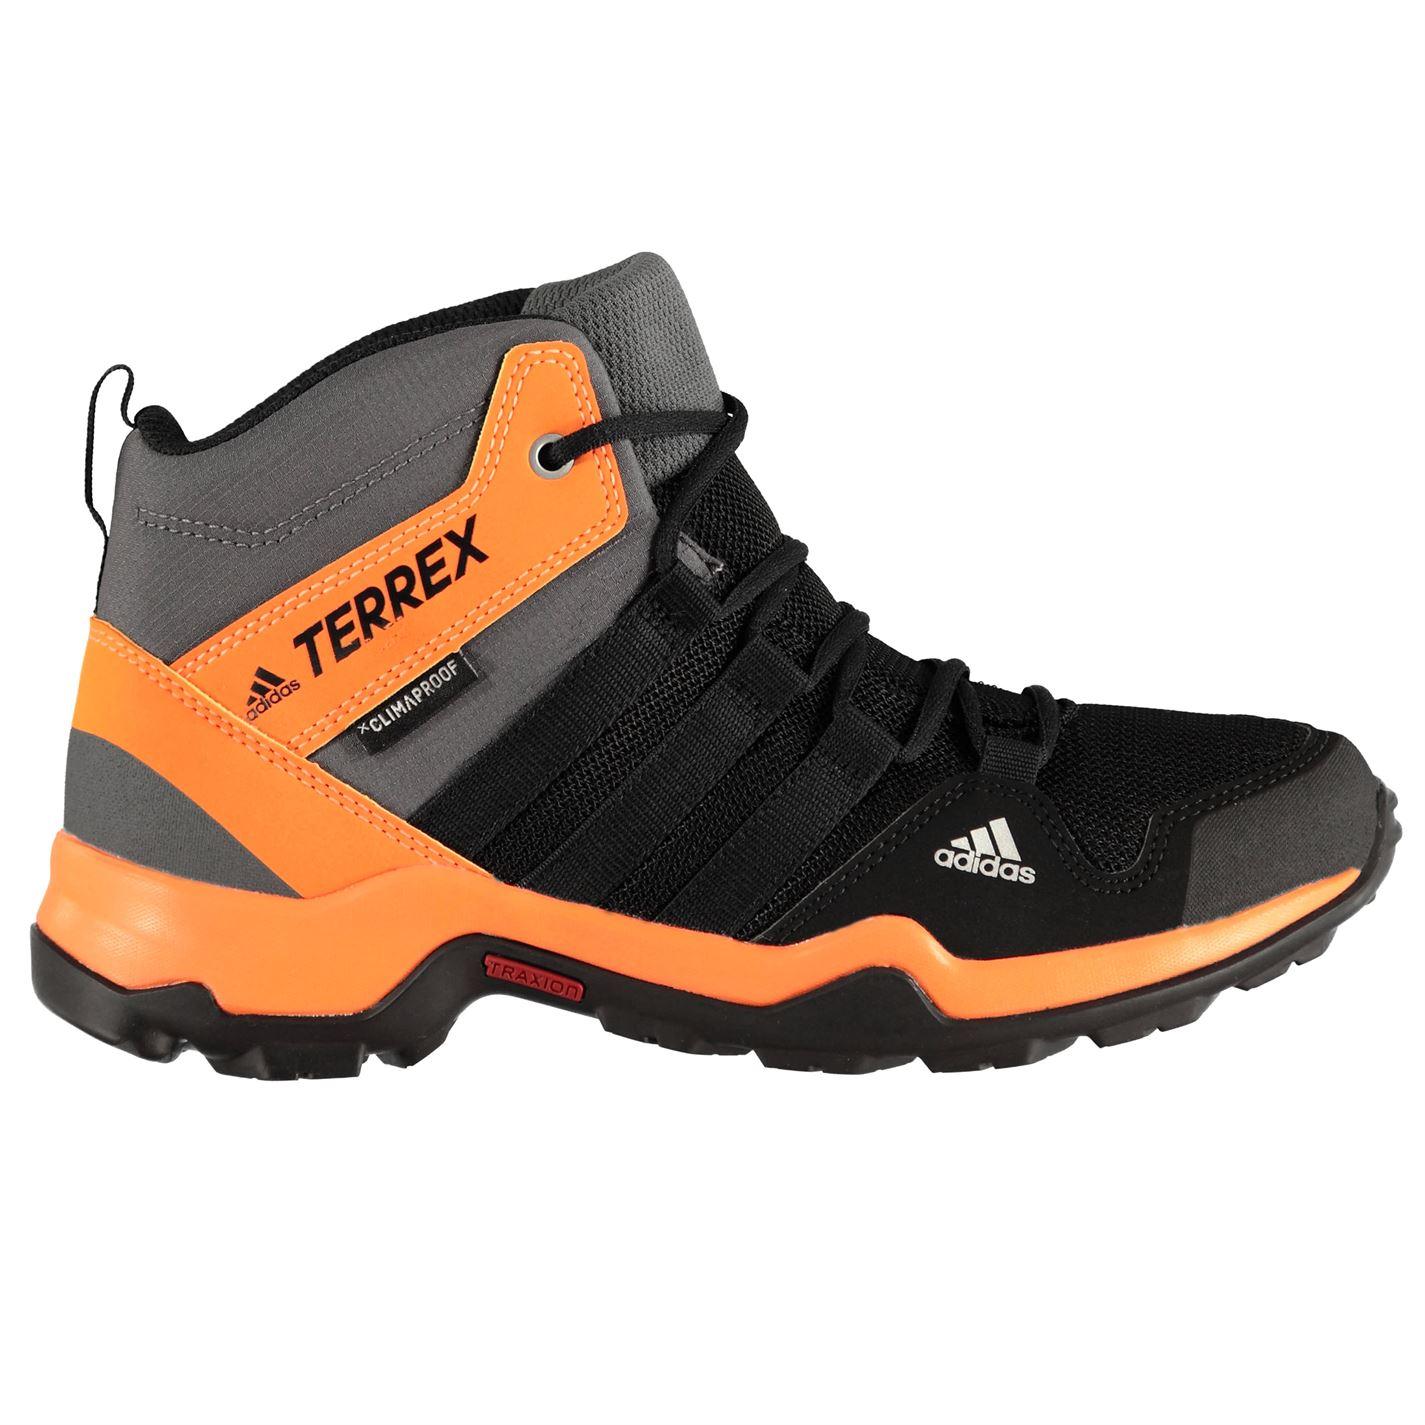 ... adidas TERREX AX2R Mid Dětská outdoorová obuv. -10% -8% d9fb4b7c086